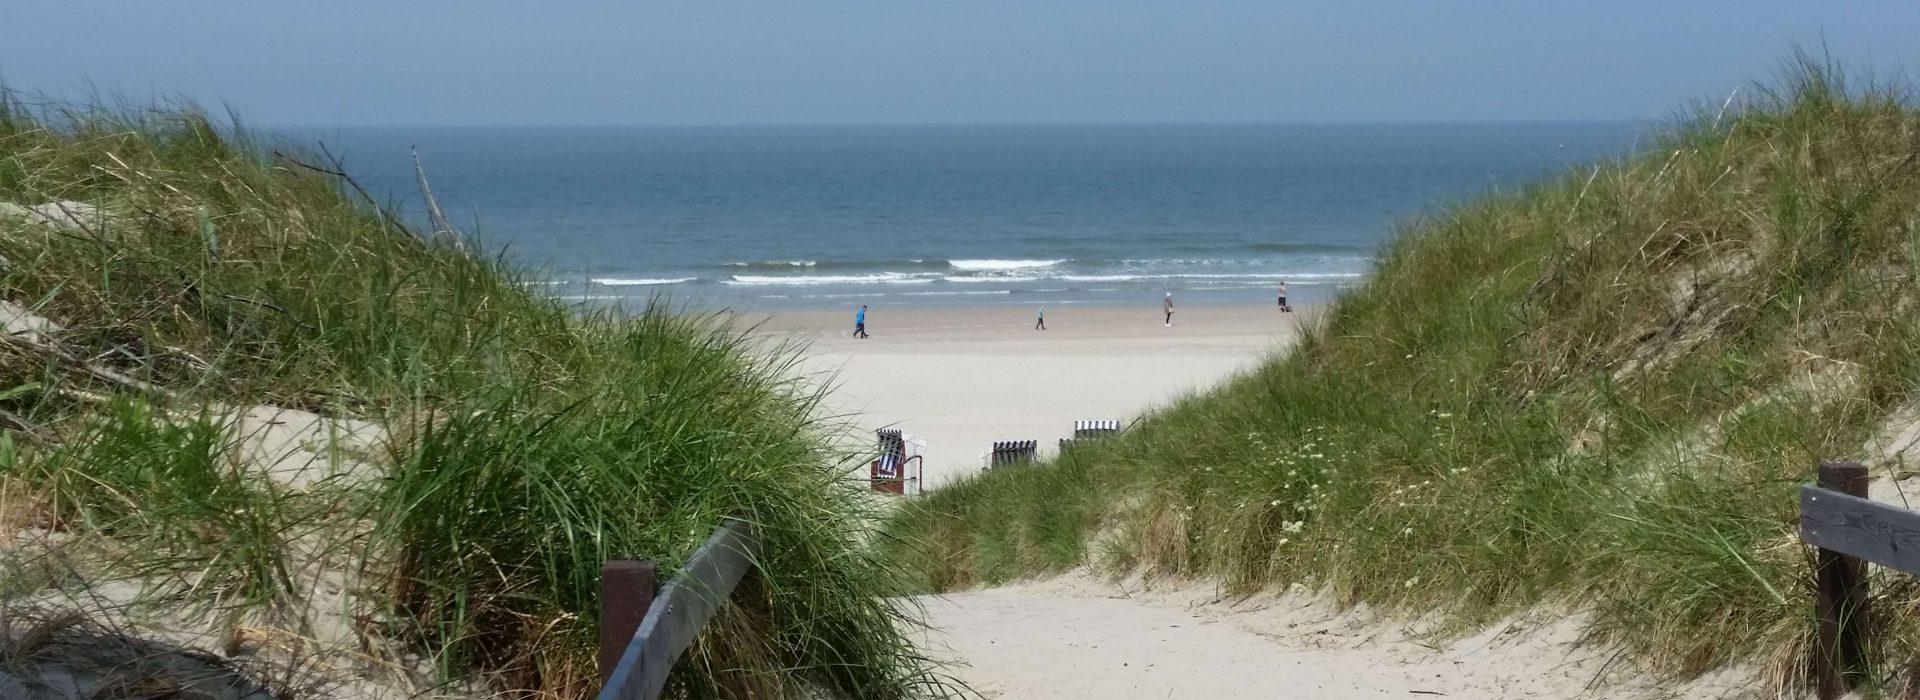 Käpt´n KaJa - Ferienwohnungen auf Norderney